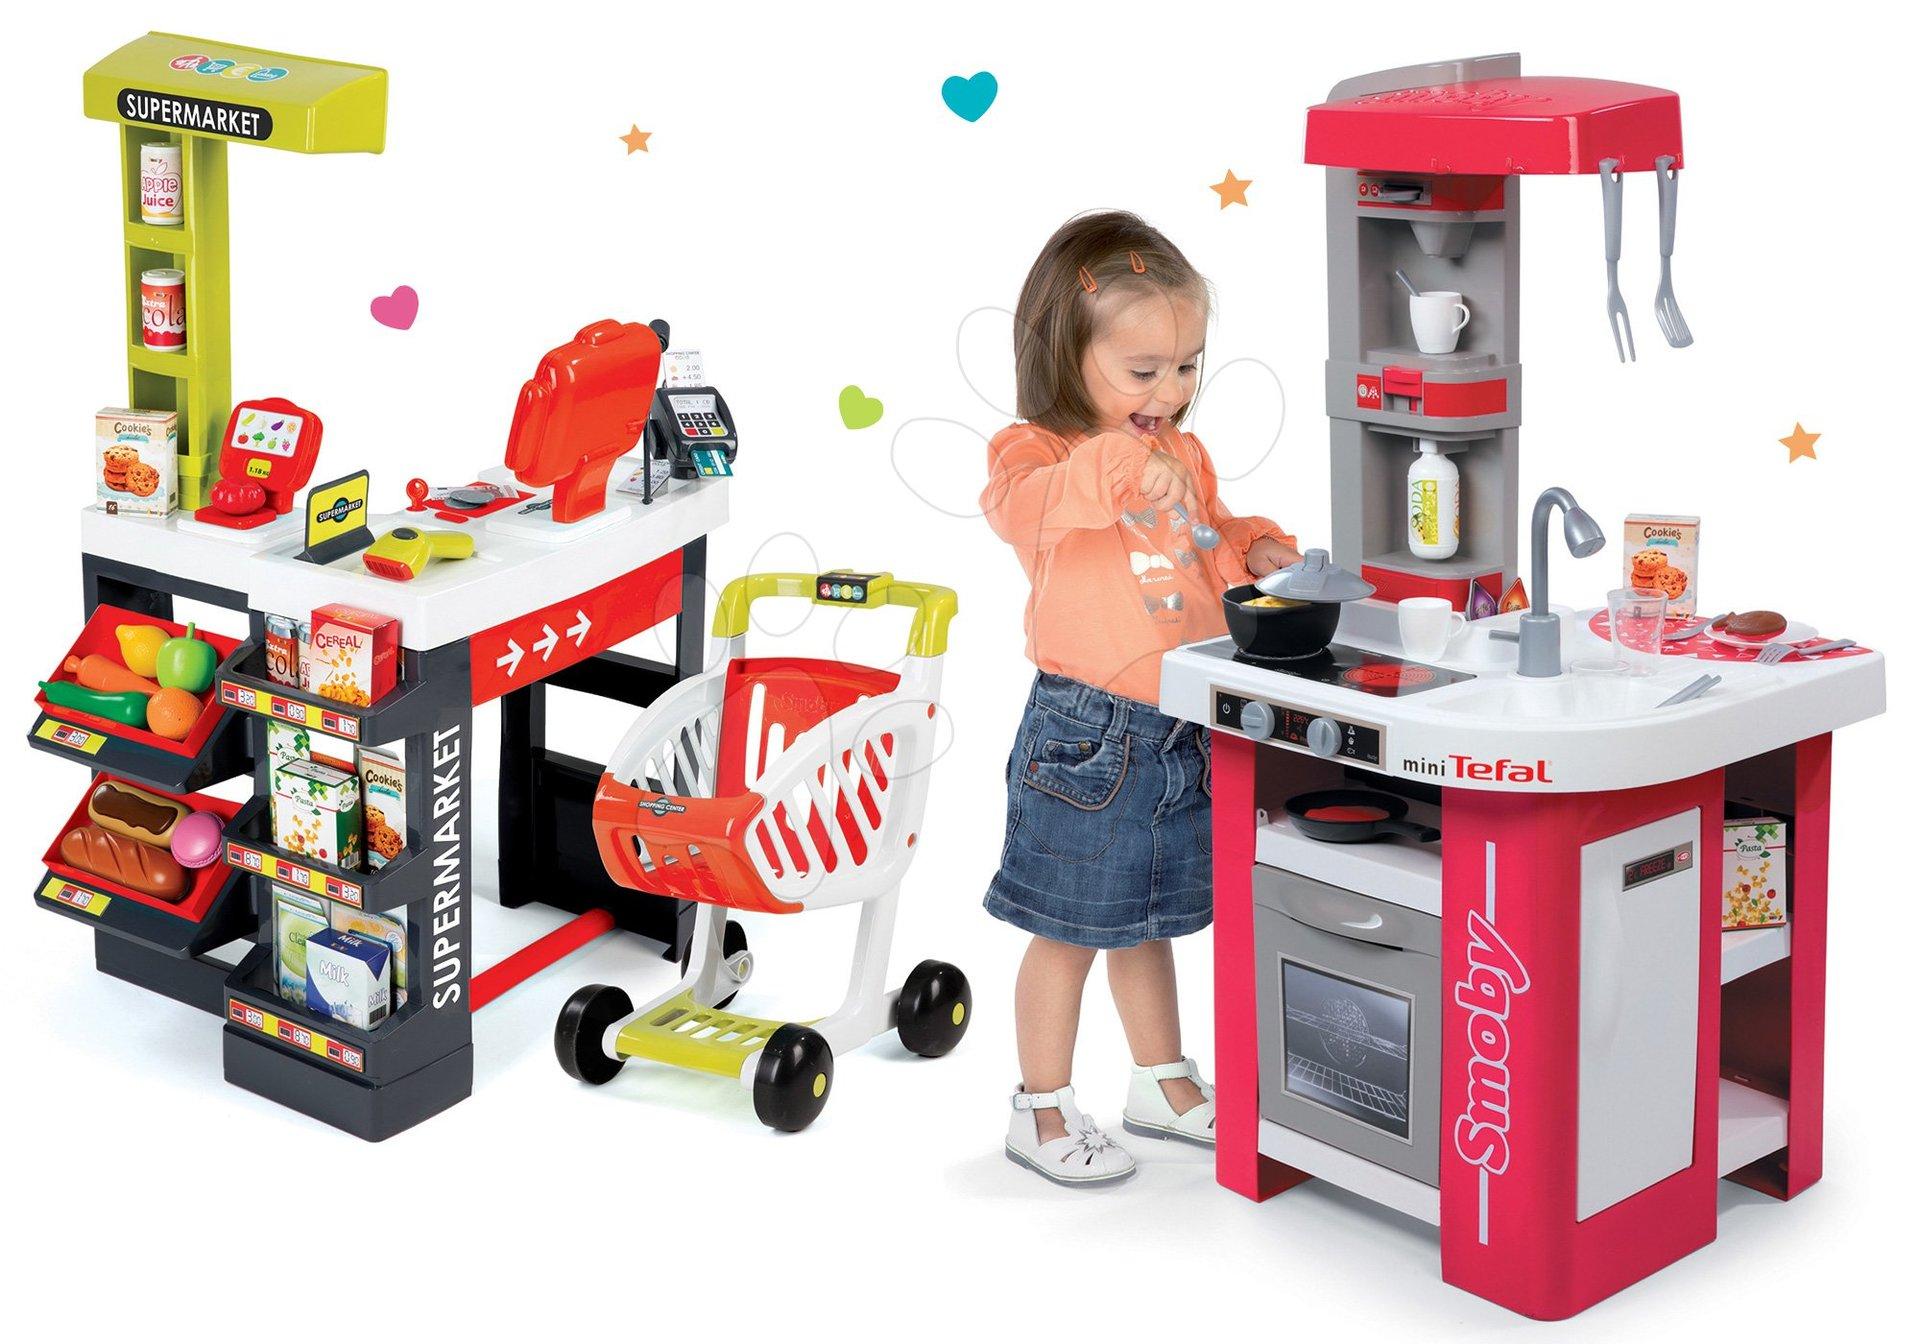 Smoby set dětská kuchyňka Tefal Studio a supermarket s váhou a pokladnou 311003-1